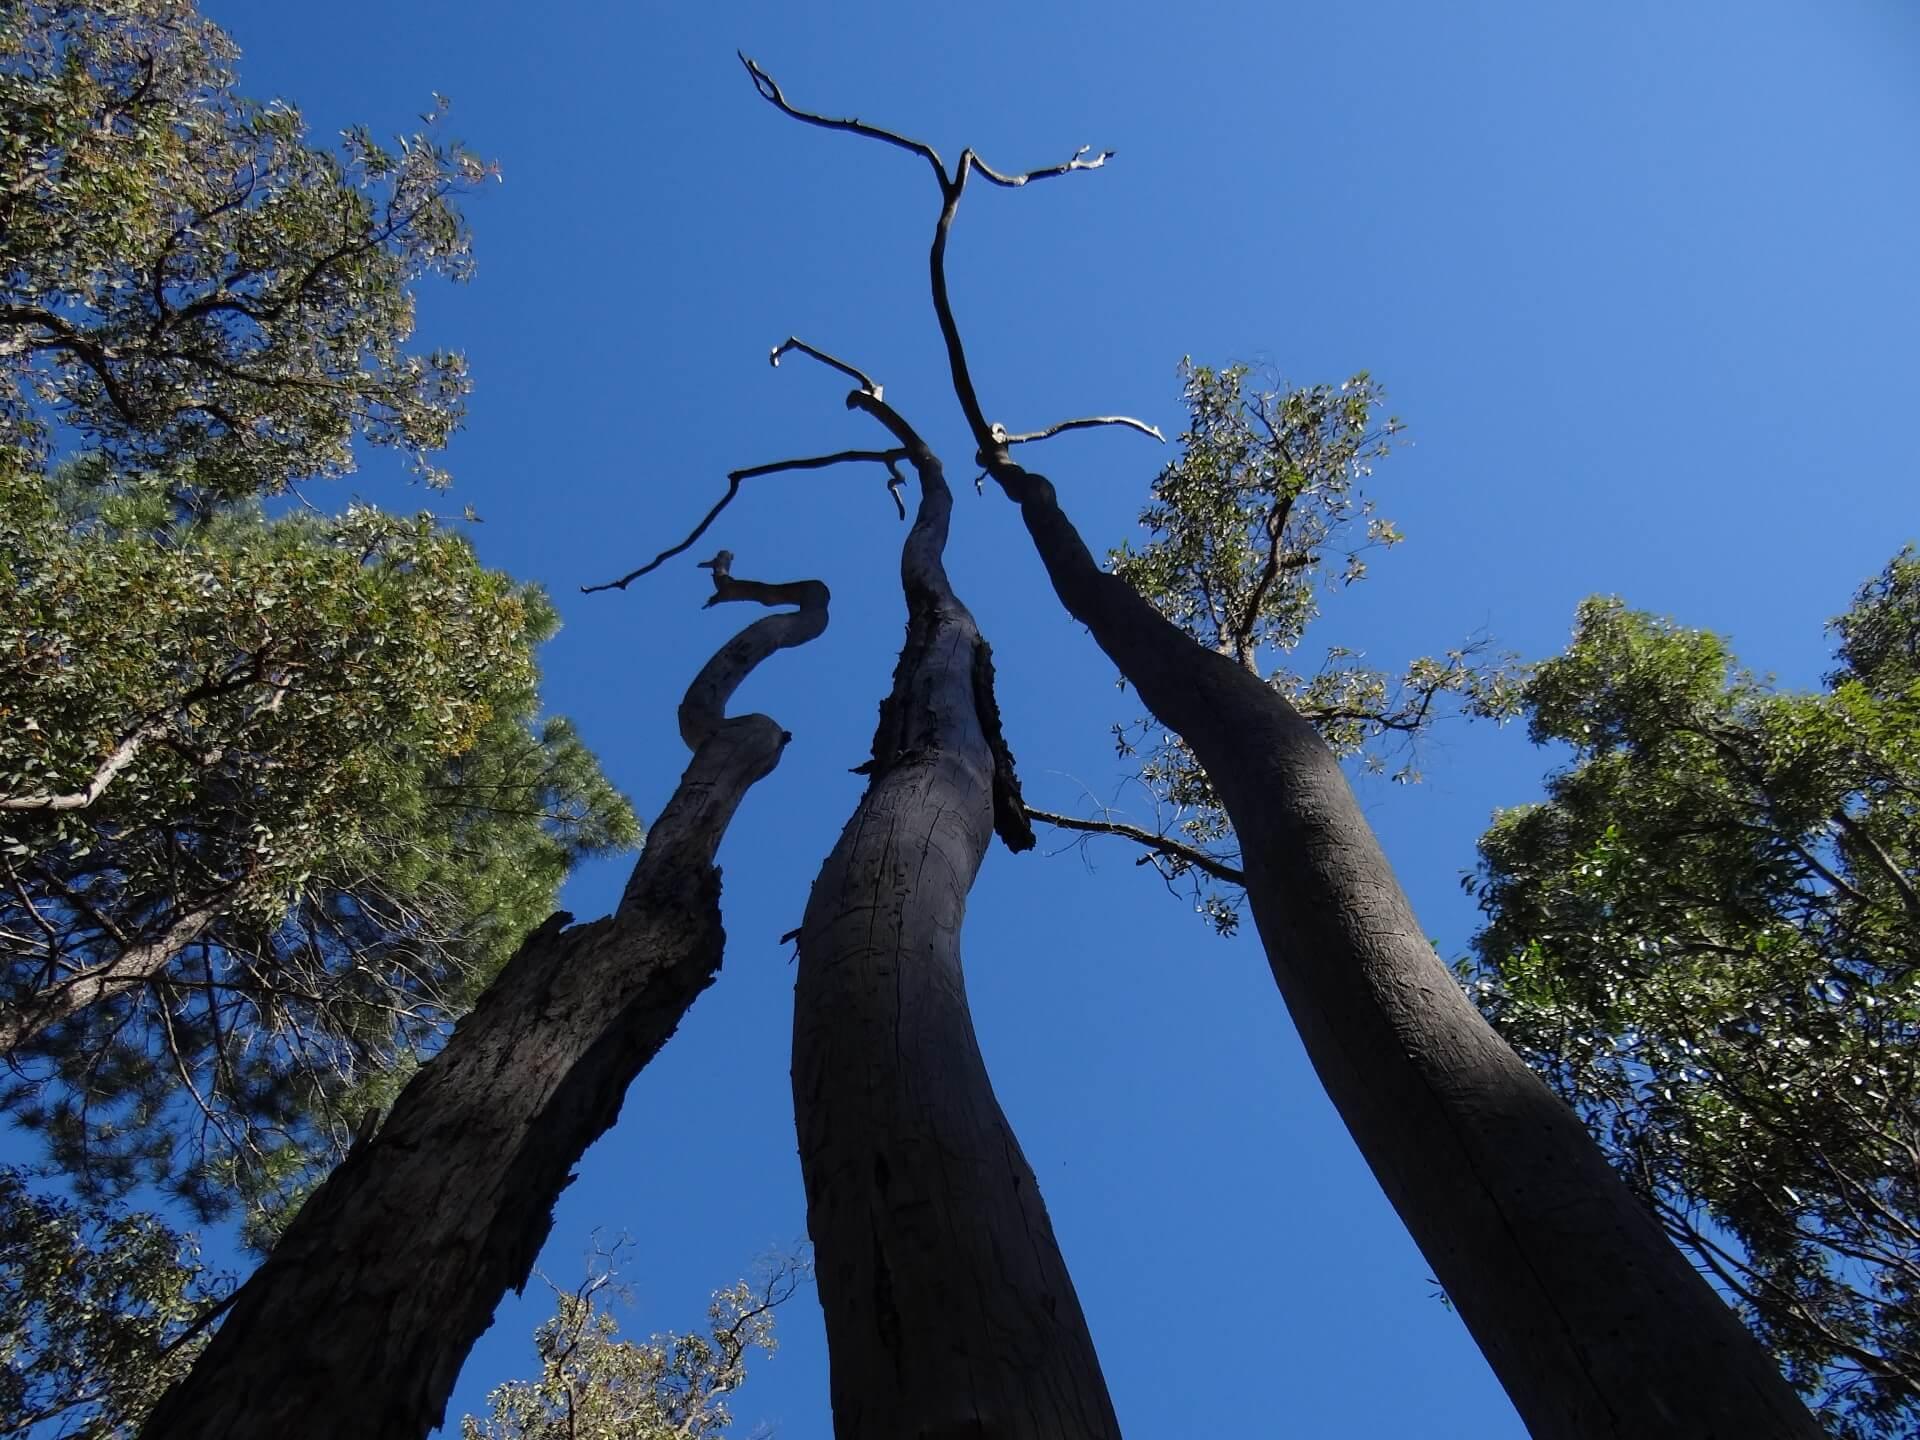 munda biddi trail trees